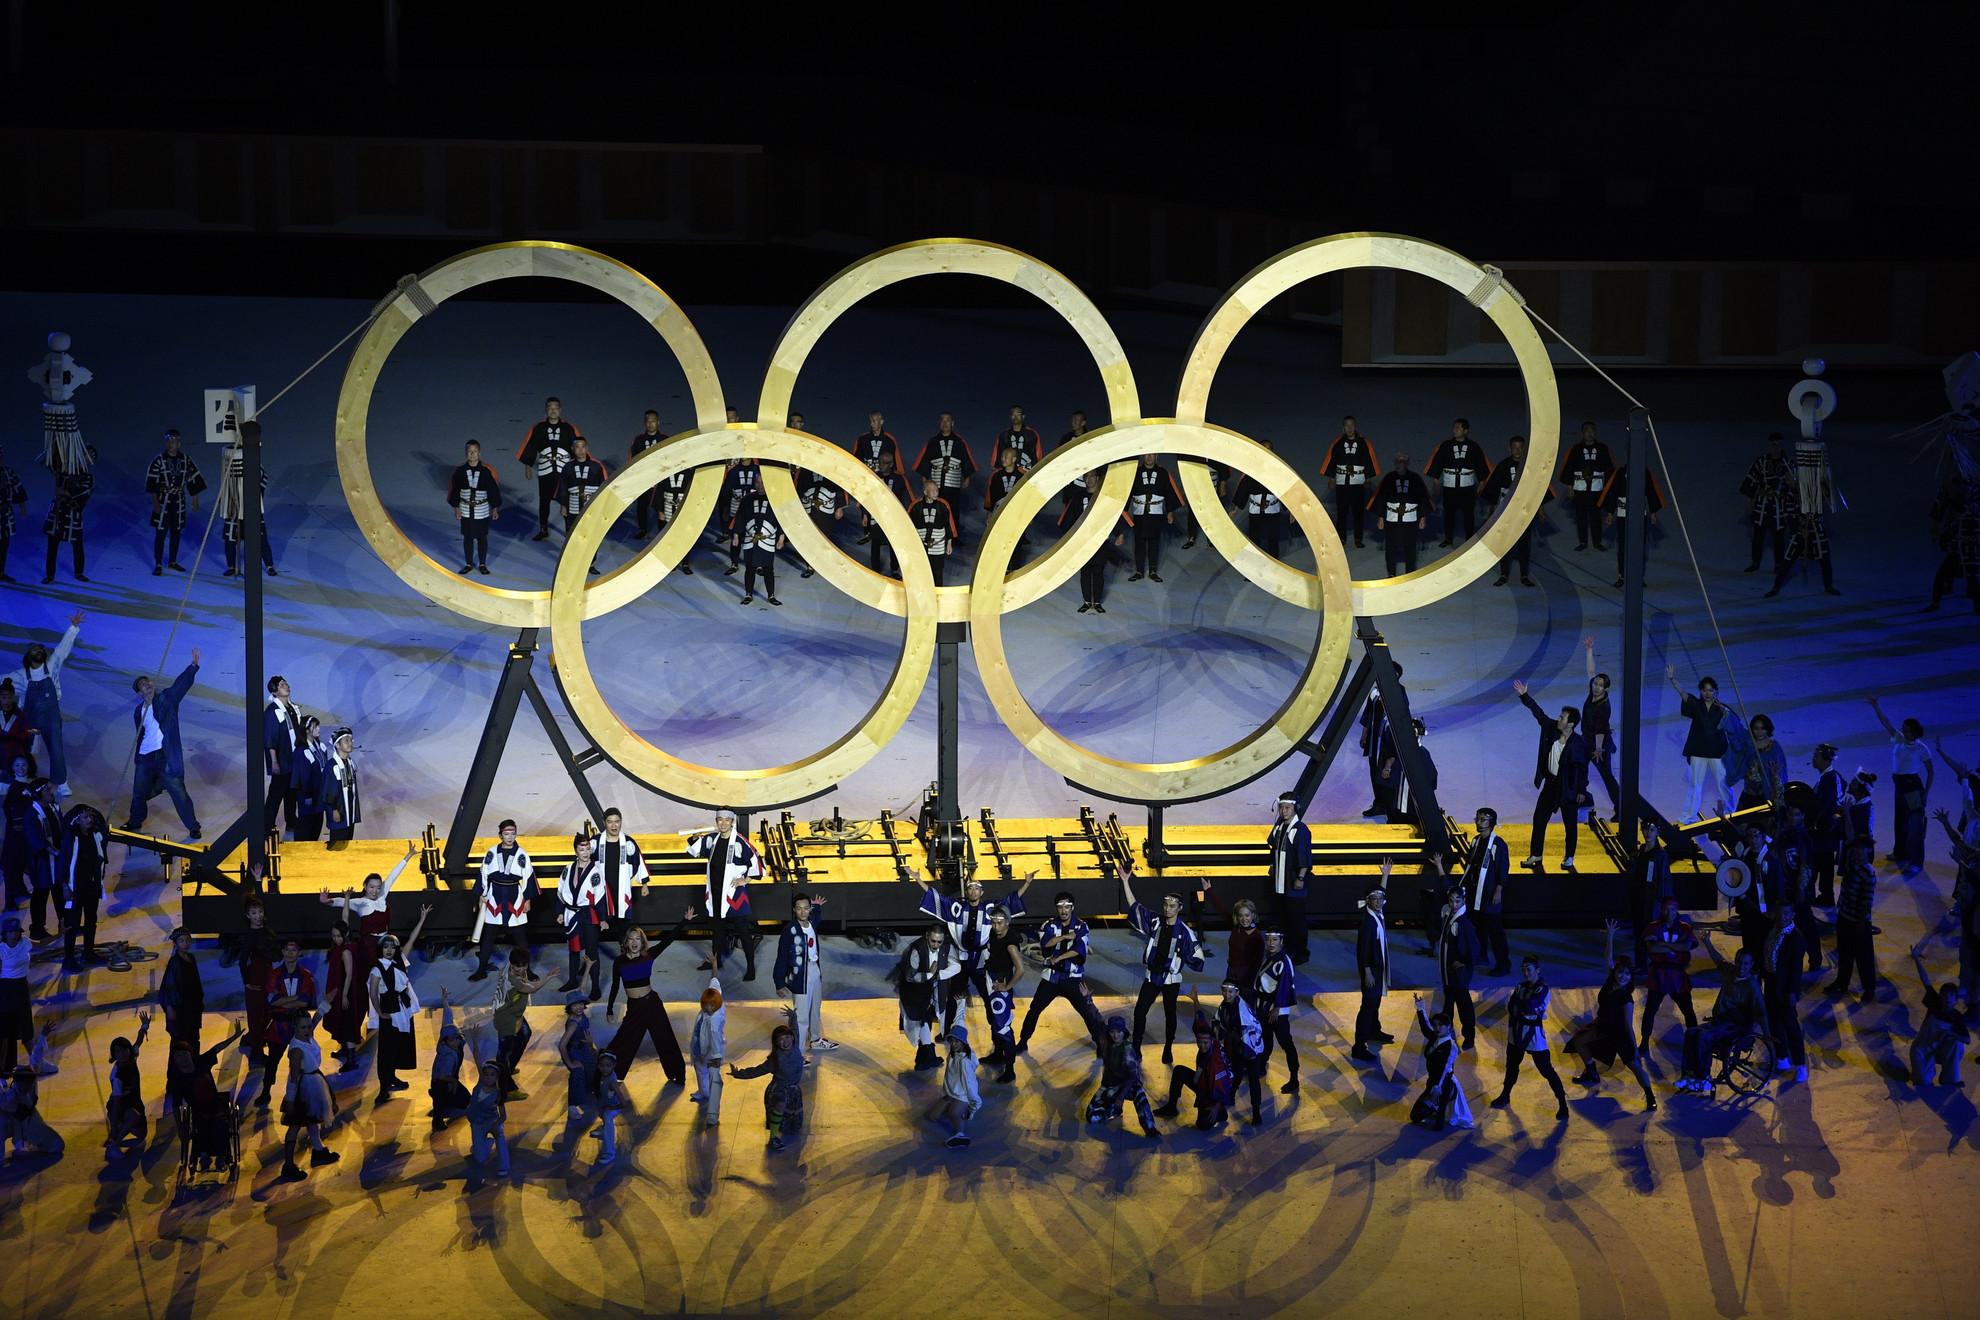 A XXXII. nyári olimpiai játékok nyitóünnepsége a tokiói Olimpiai Stadionban